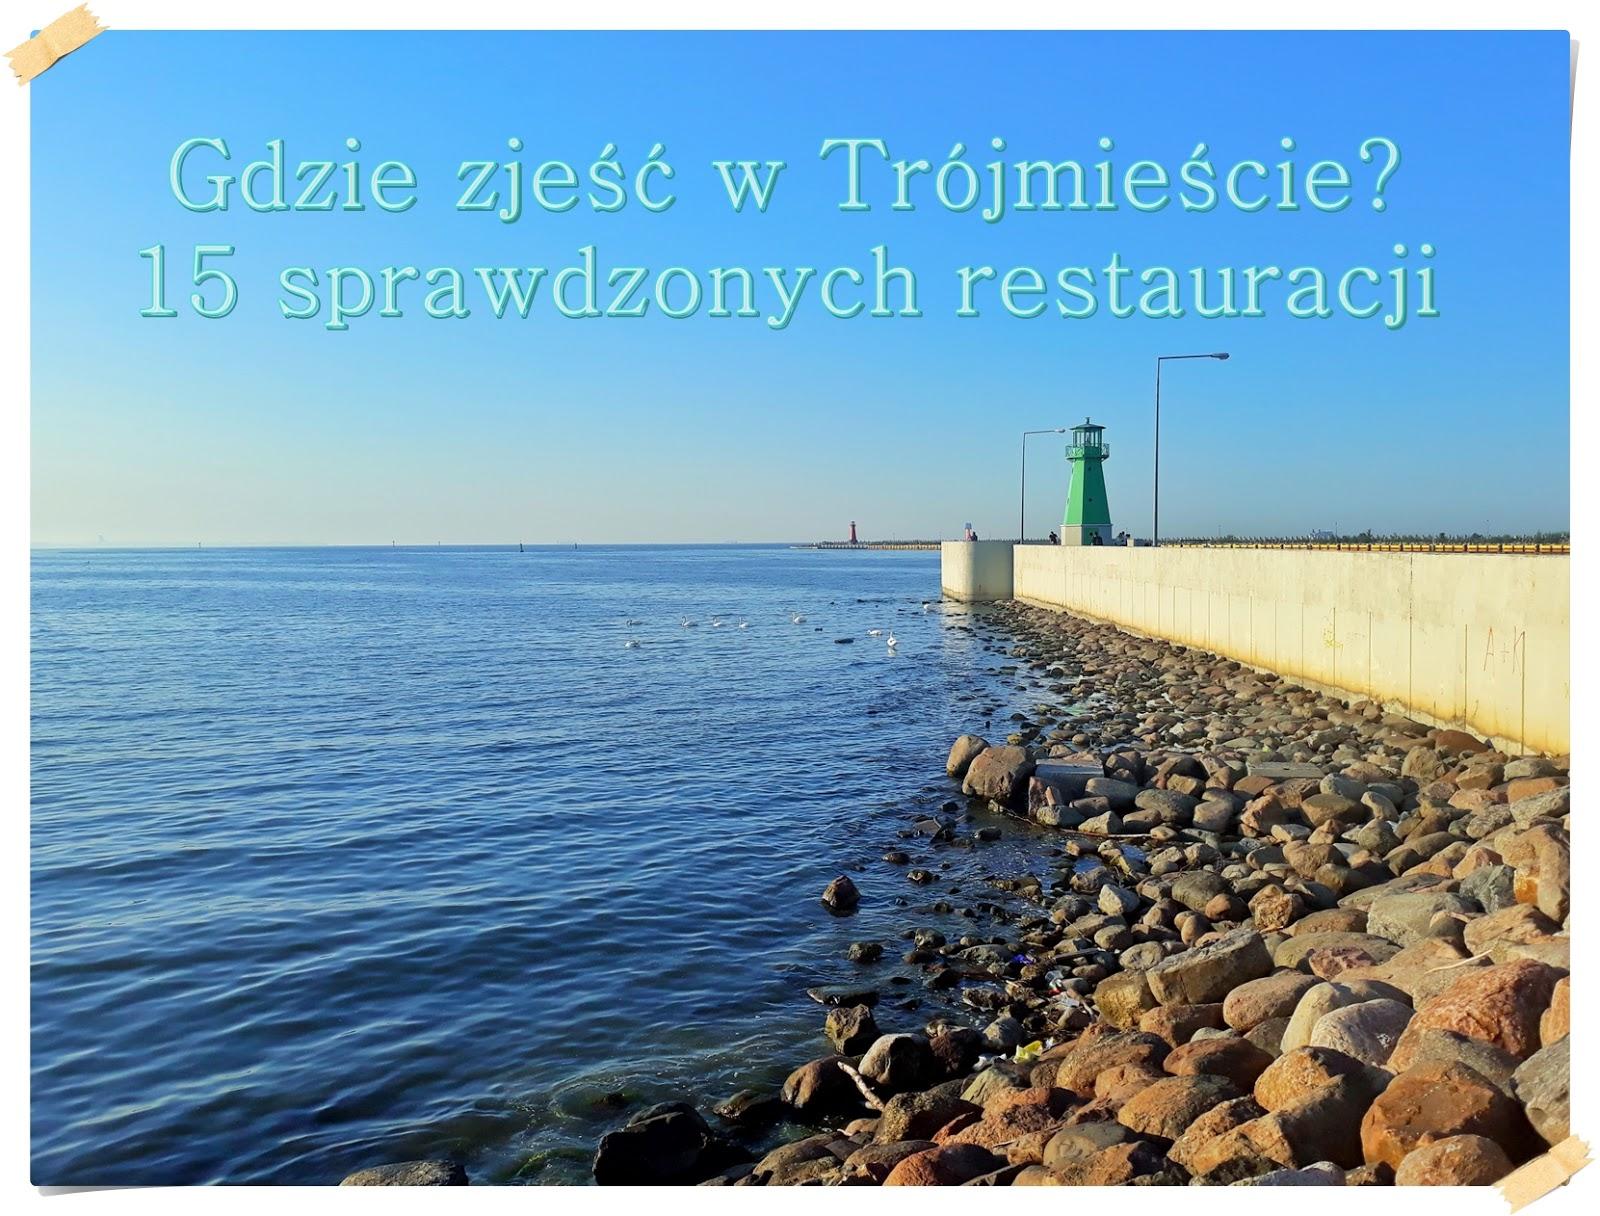 Gdzie zjeść w Trójmieście? Moje sprawdzone i ulubione restauracje - 15 restauracji, które musisz odwiedzić